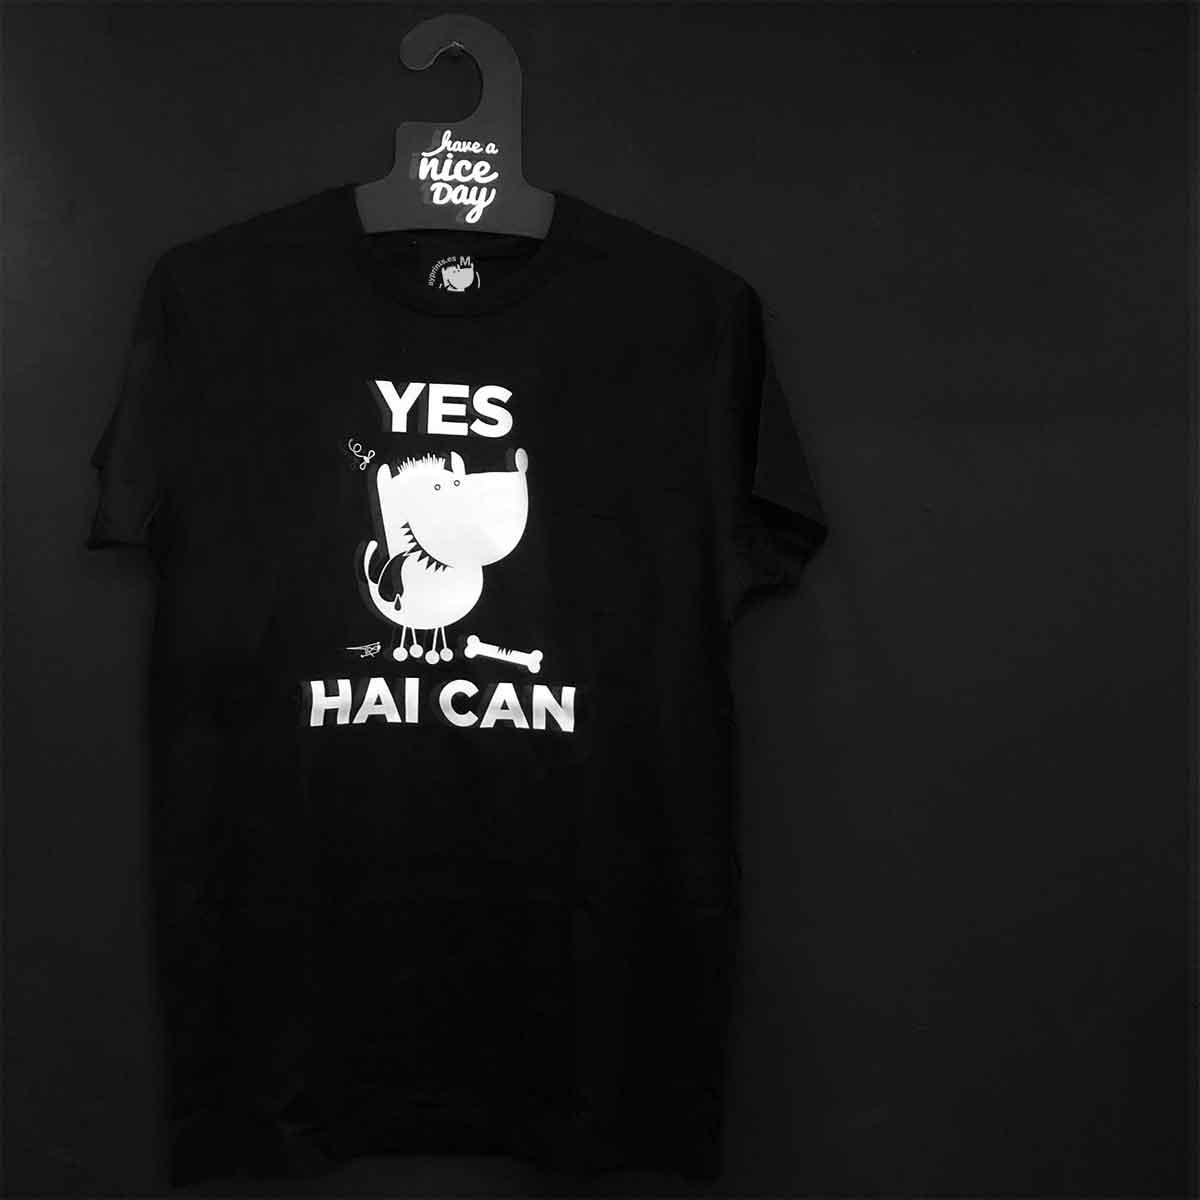 camiseta Yes Hai Can online baiona sudadera Yes I Can bayprints baiona souvenir shop tienda souvenirs creativos singulares exclusivos baiona galicia